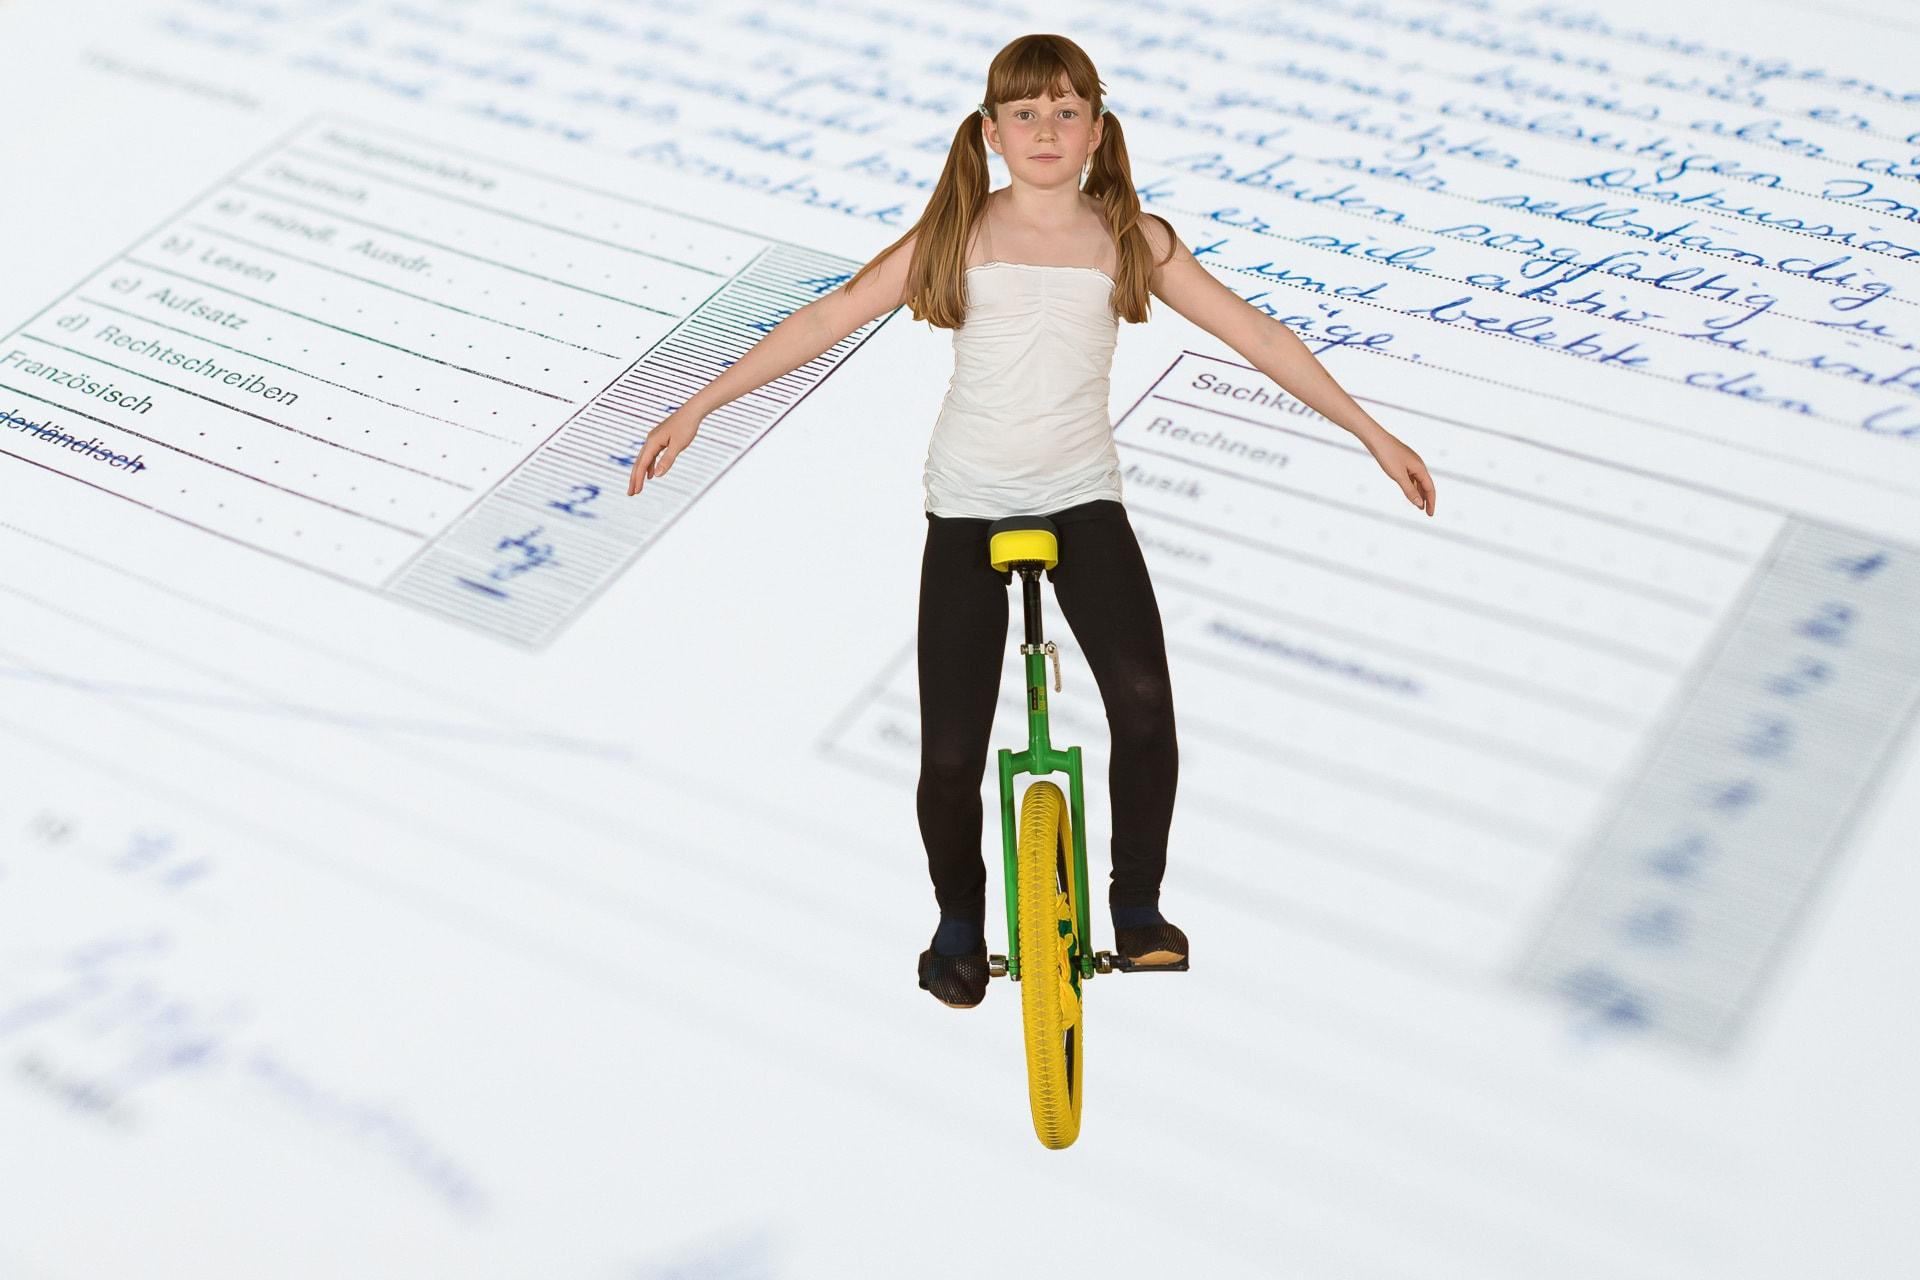 Gleichgewicht und Schulnoten